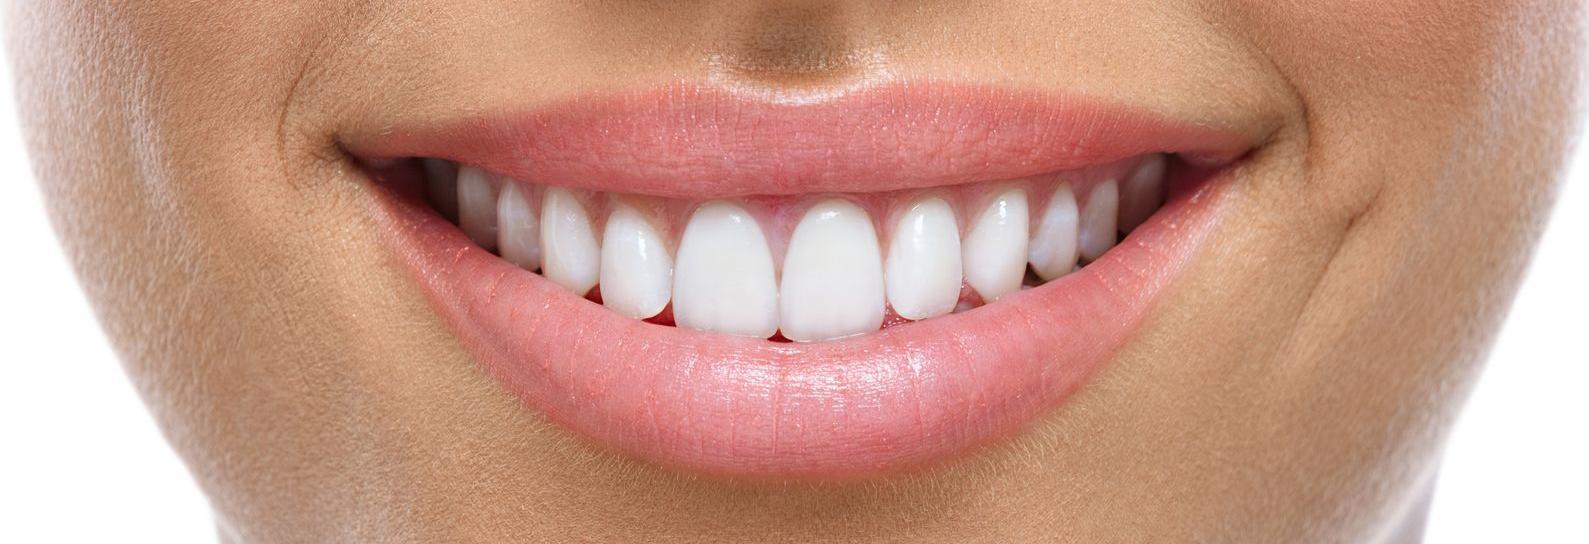 ocean pacific dental logo laguna beach ca dentist coupons near me